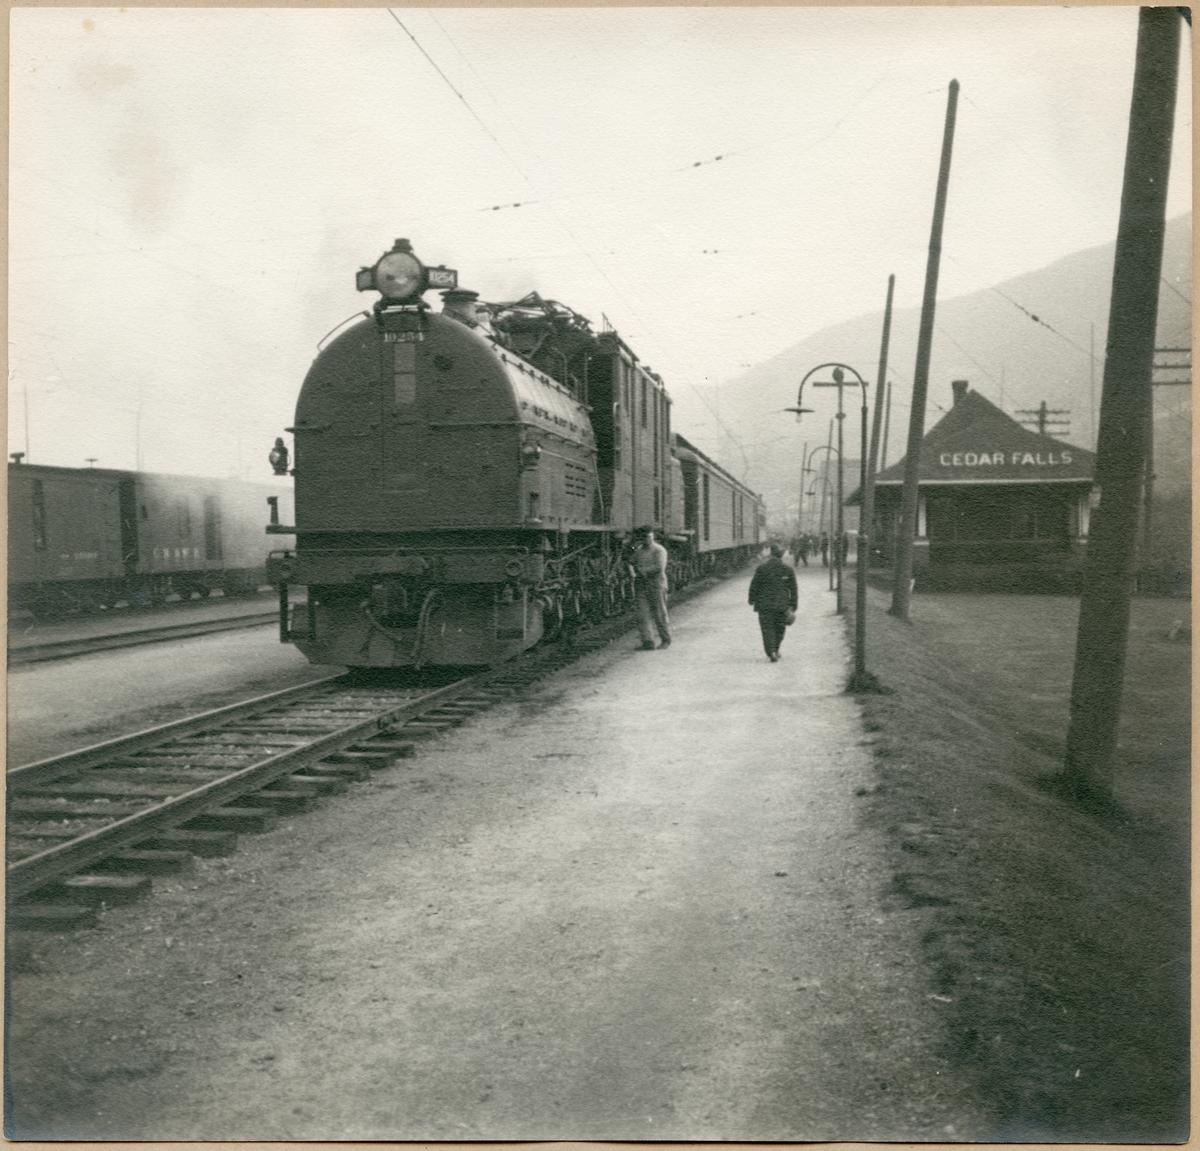 Lok med godsvagnar vid Cedar Falls station. Bild från Bantekniska kontorets studieresa i USA.